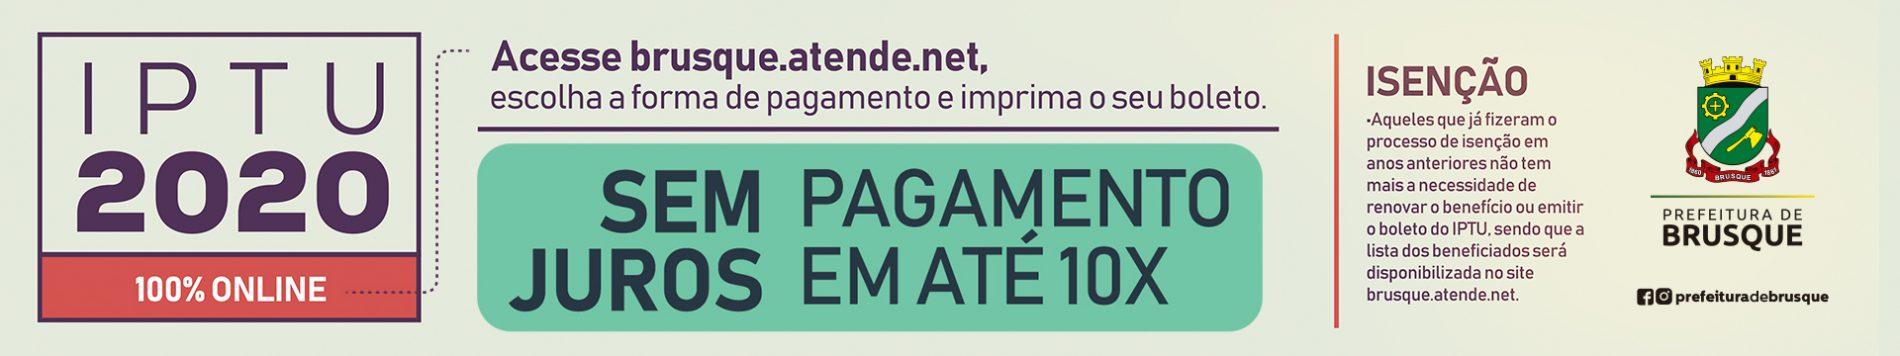 IPTU 2020 – Banner